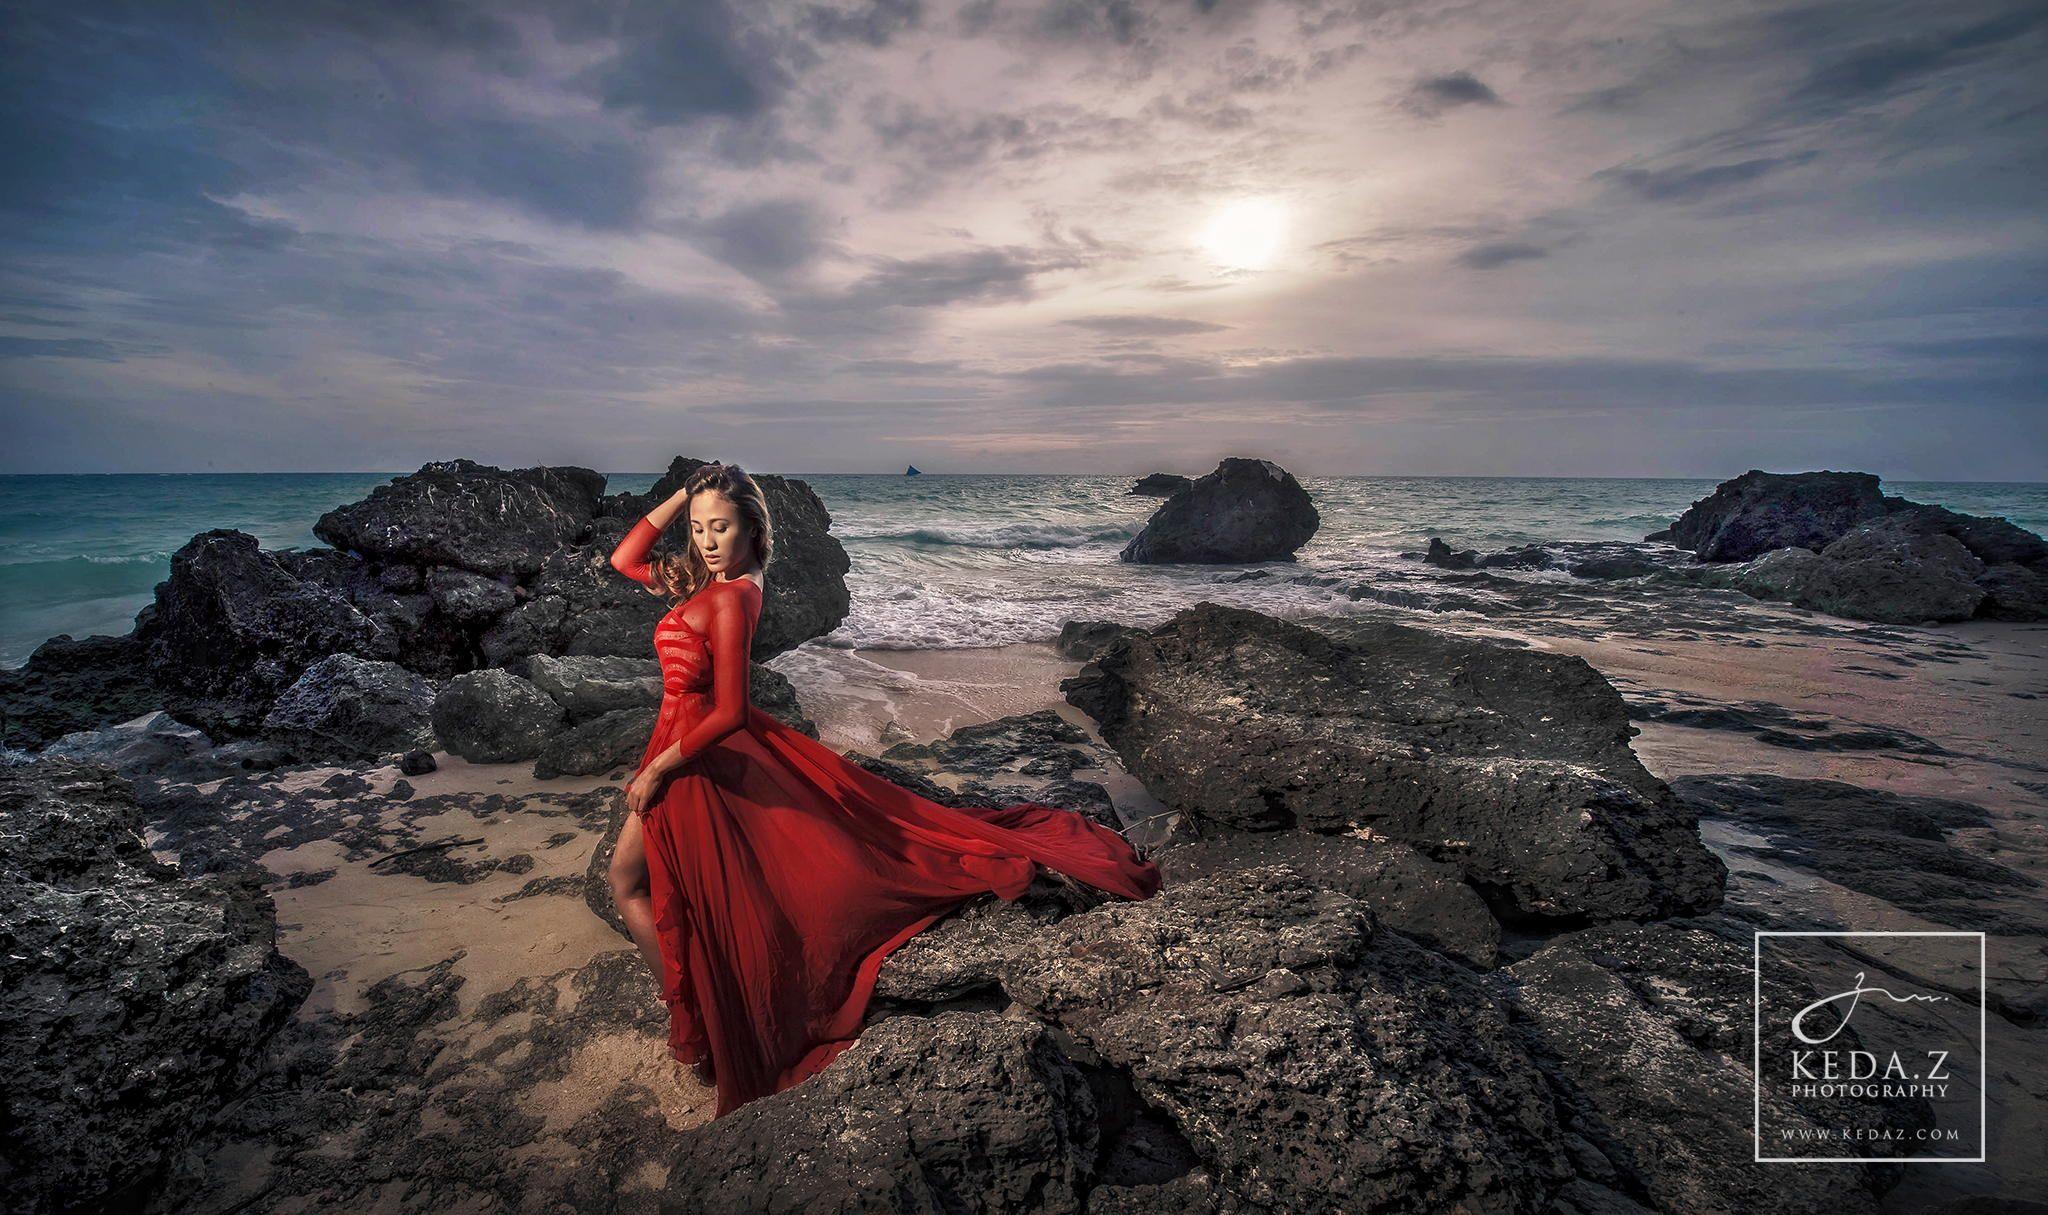 Photograph Boracay Island By Keda Z Feng On 500px